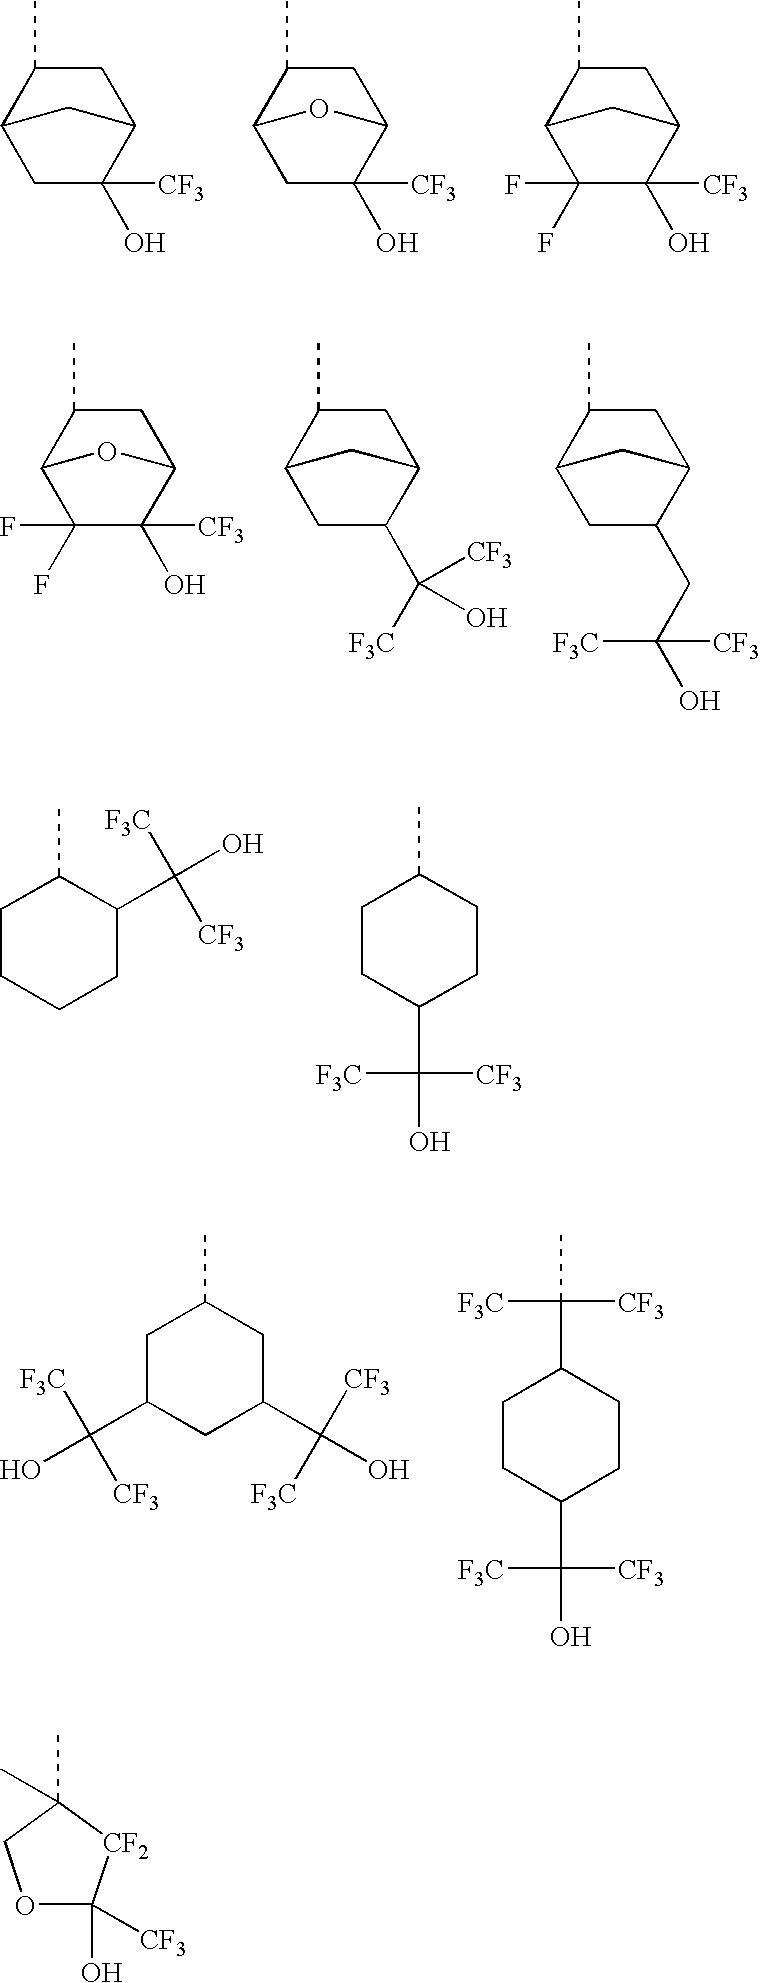 Figure US20090280434A1-20091112-C00026